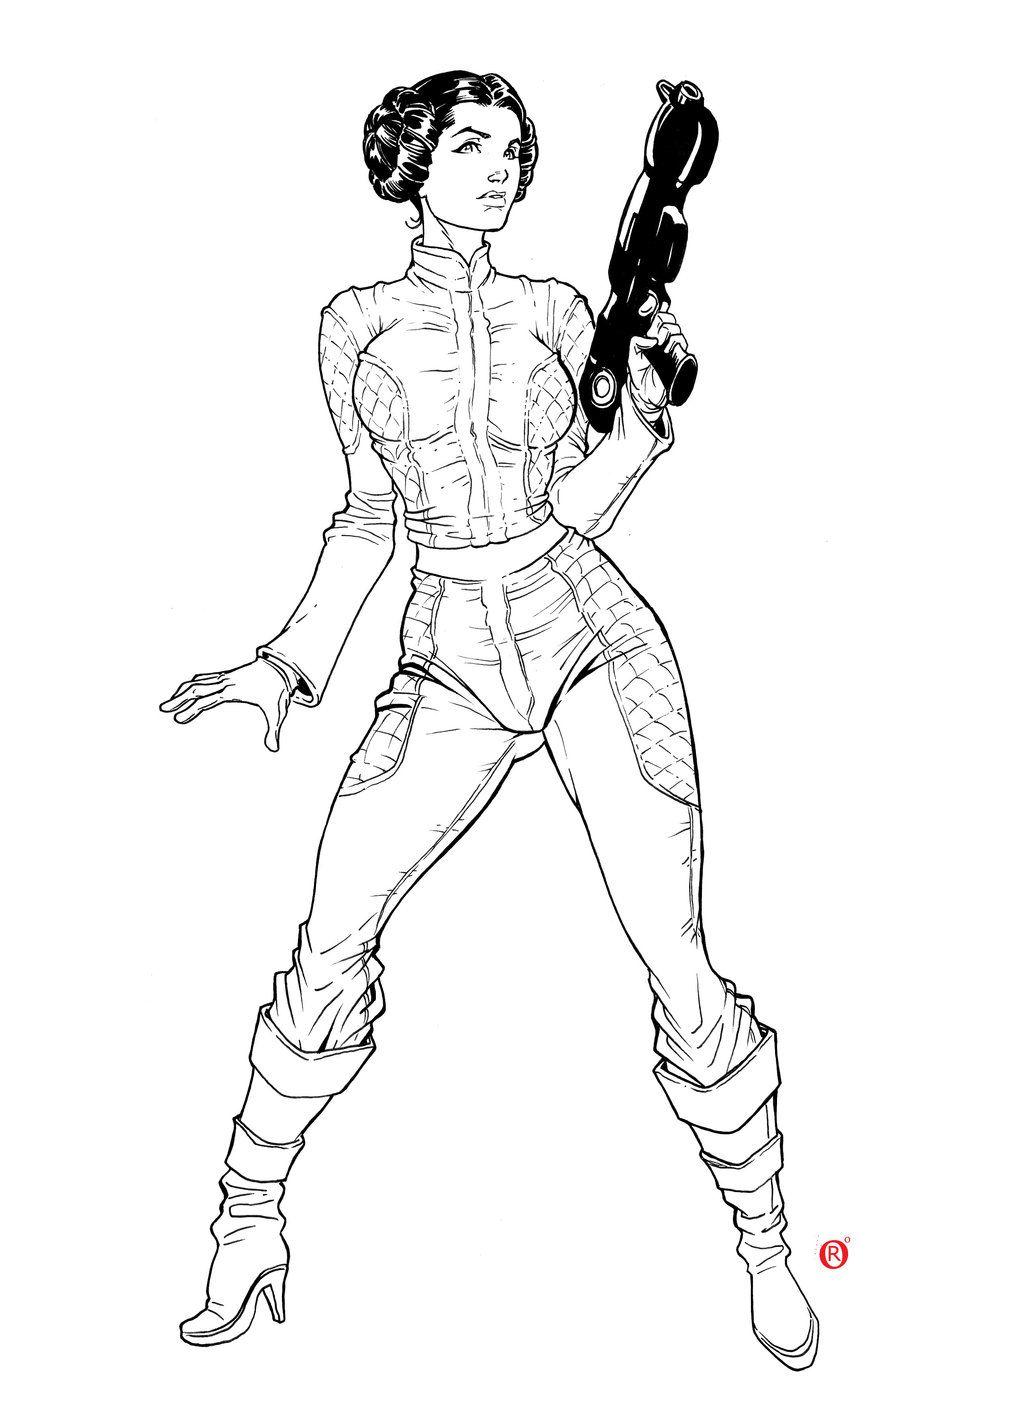 Princess leia coloring pages - Princess Leia Art By Rodrigo Rosa De Souza